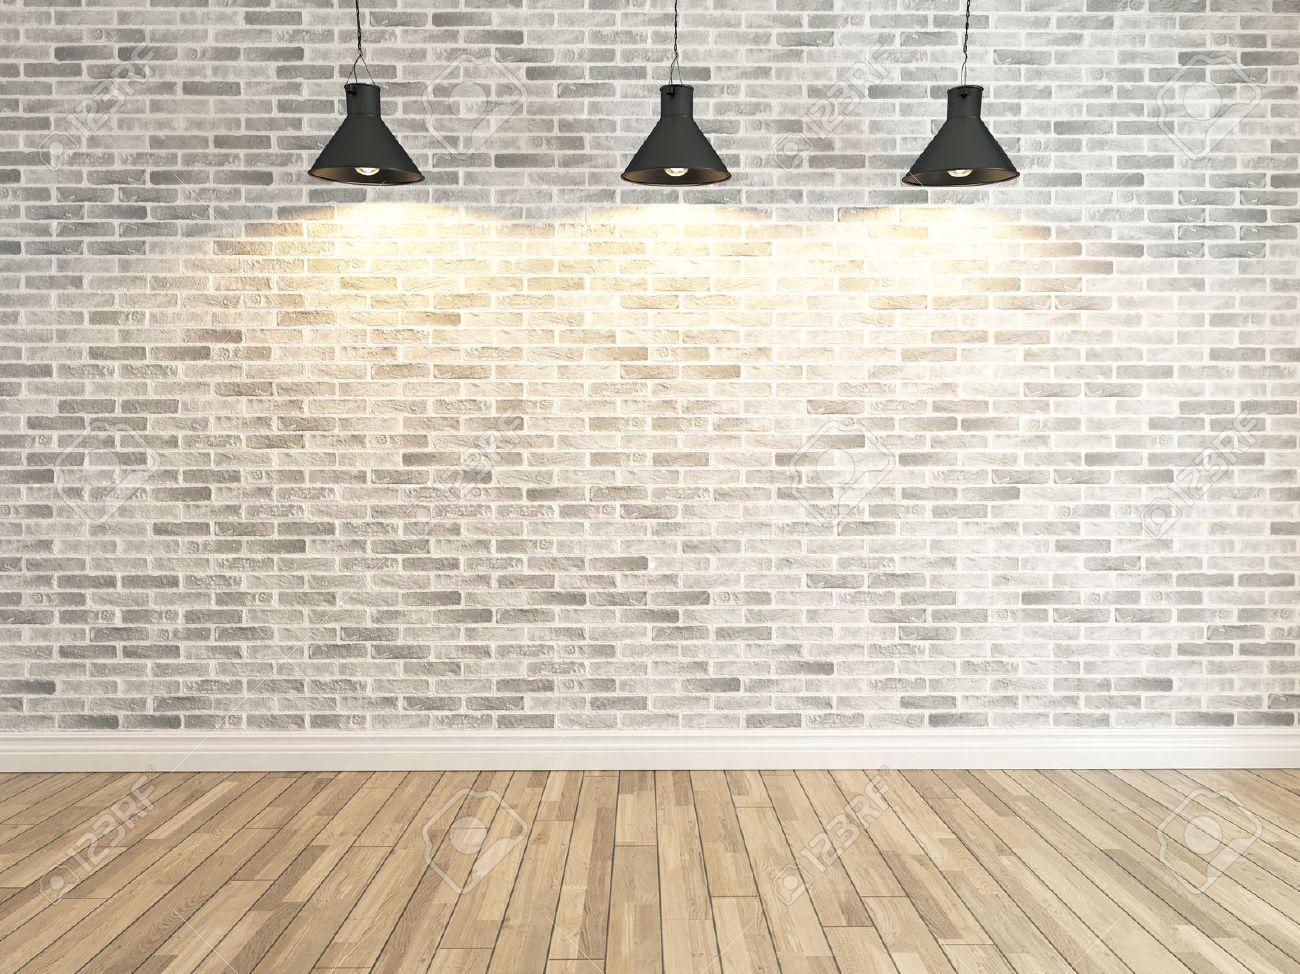 Banque Du0027images   Intérieur Mur De Briques Blanc Décoration Sous La  Lumière, Le Motif De Mur Intérieur Et Trois Arrière Plan